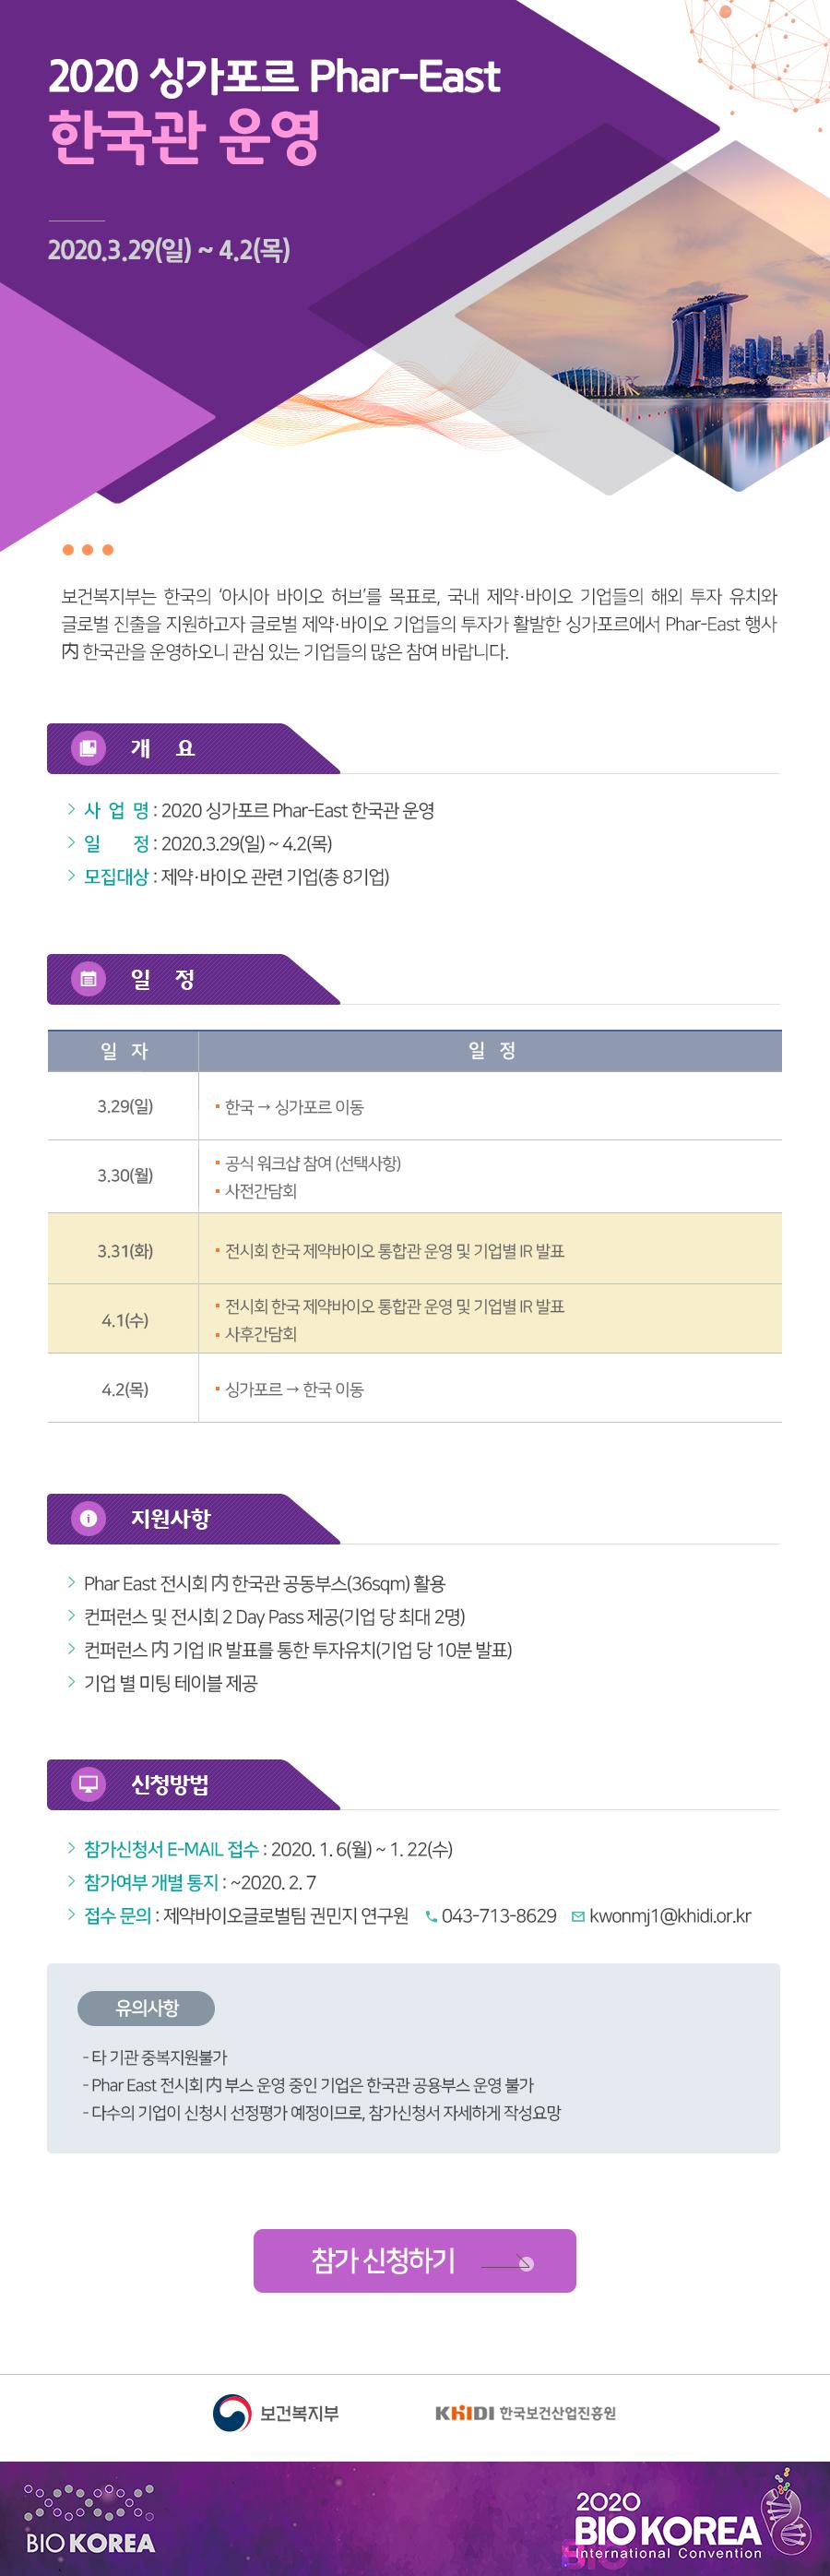 2020 싱가포르 Phar-East 한국관 참여 기업 모집 - 자세한 내용은 첨부된 파일을 다운받아 확인해 주세요.